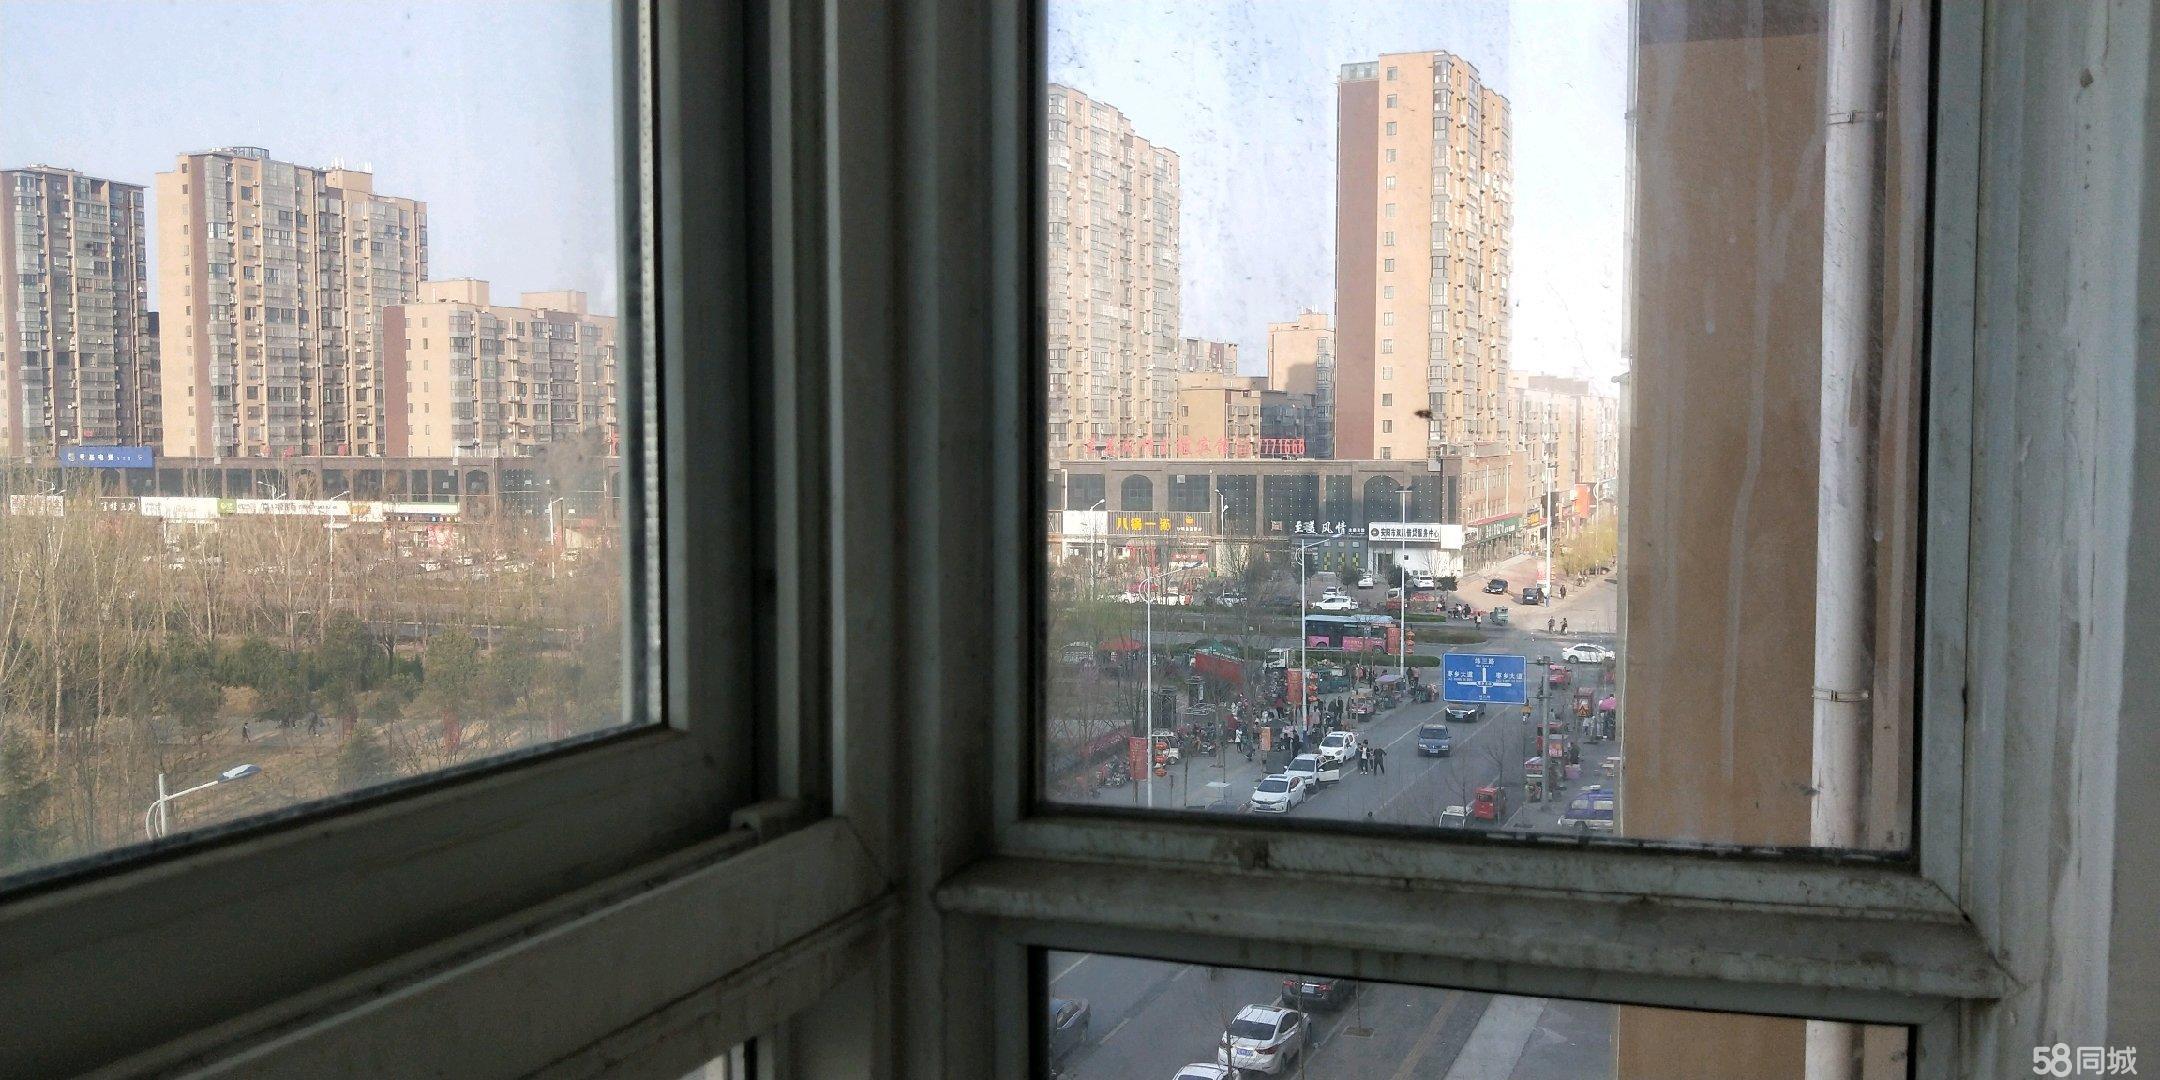 ��窝b修,�^景房,新都商城北�^3室2�d1�l